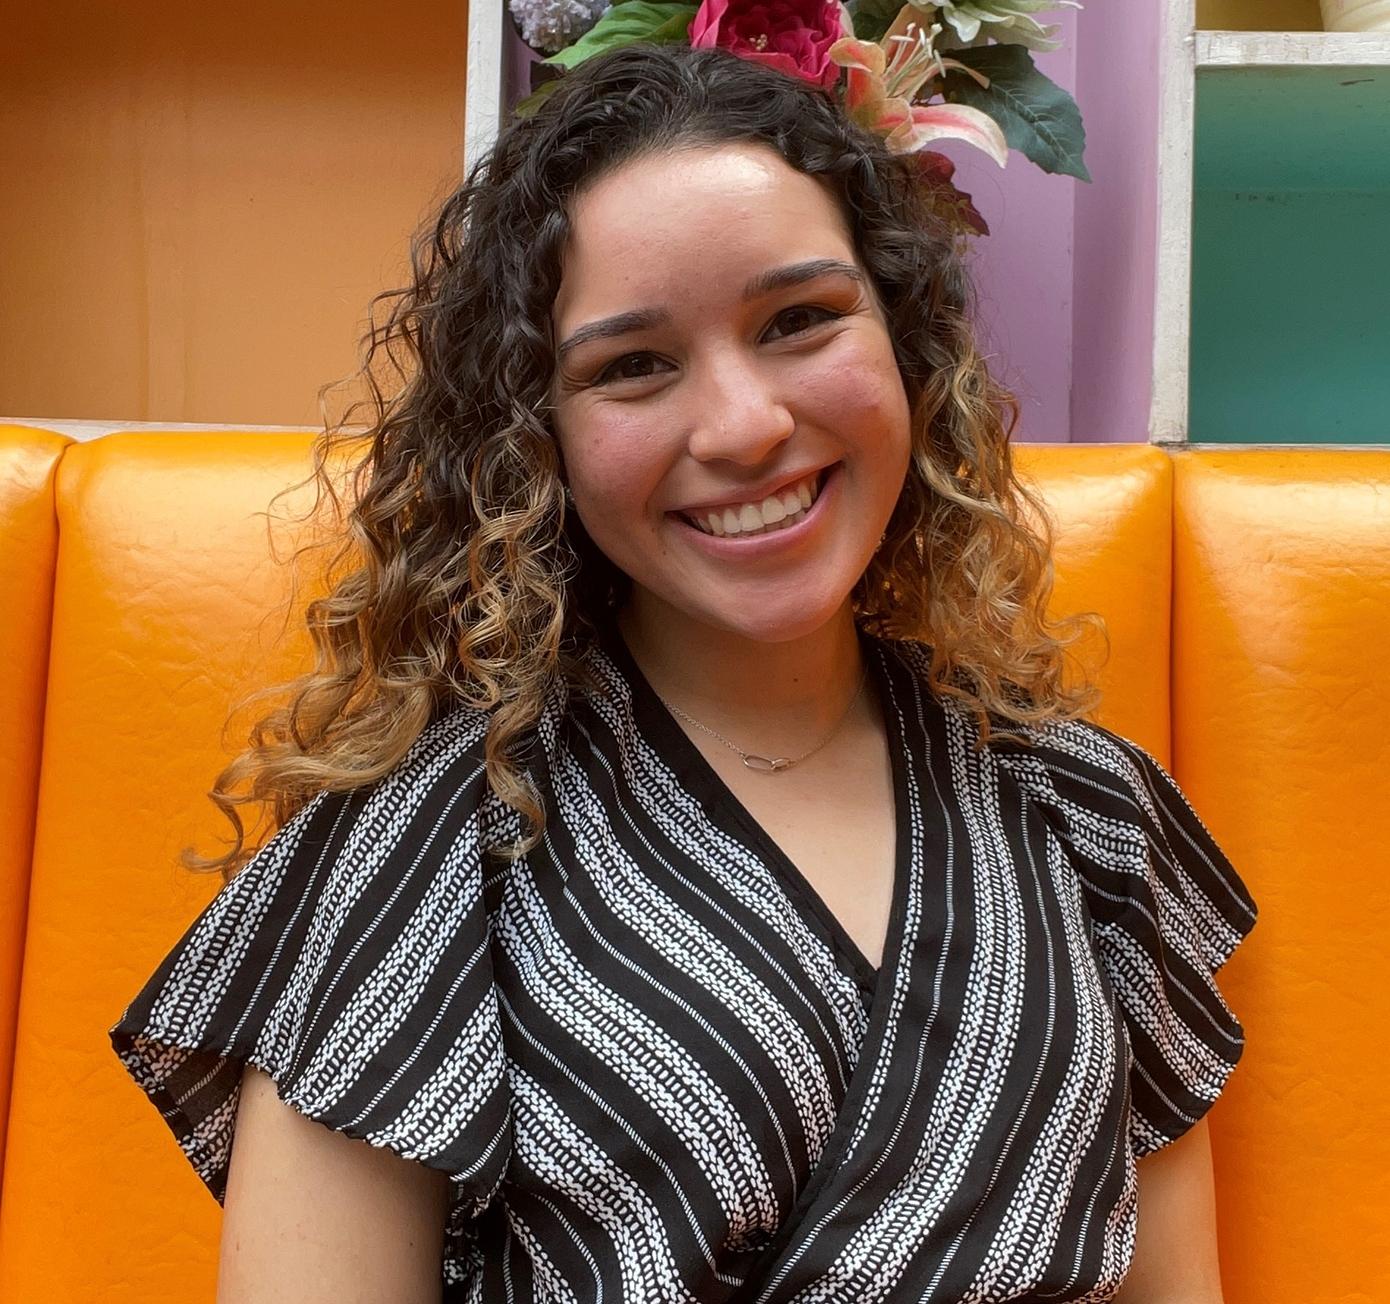 Undergraduate student Elizabeth Rodriguez smiles at the camera.